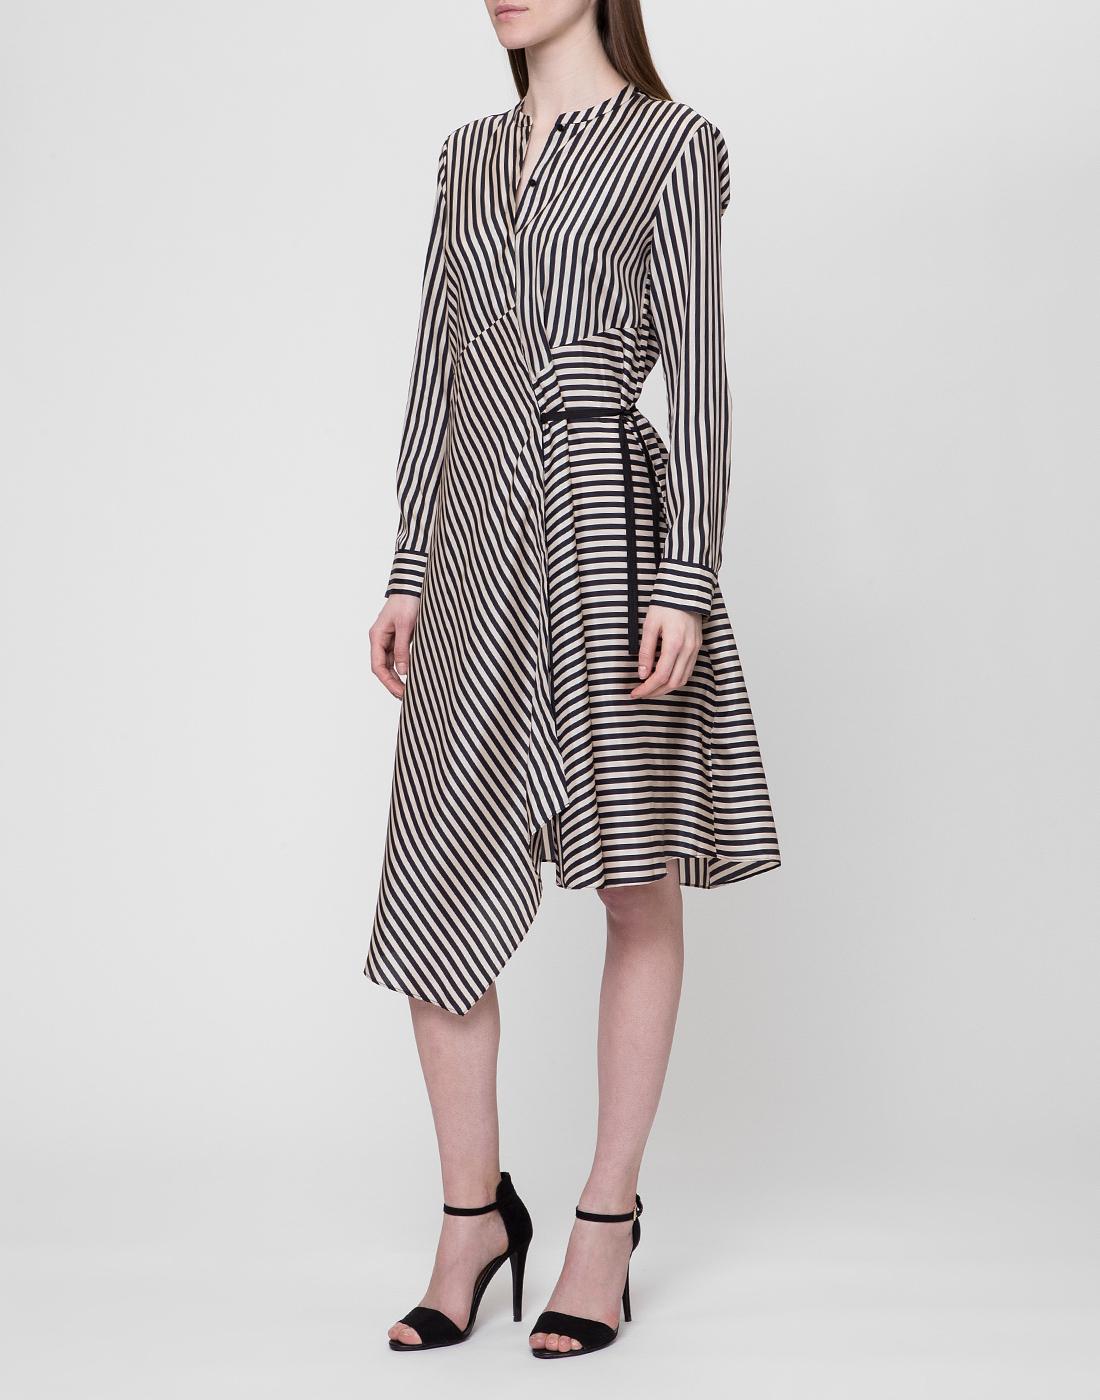 Женское шелковое платье в полоску Dorothee Schumacher S749201/030-3